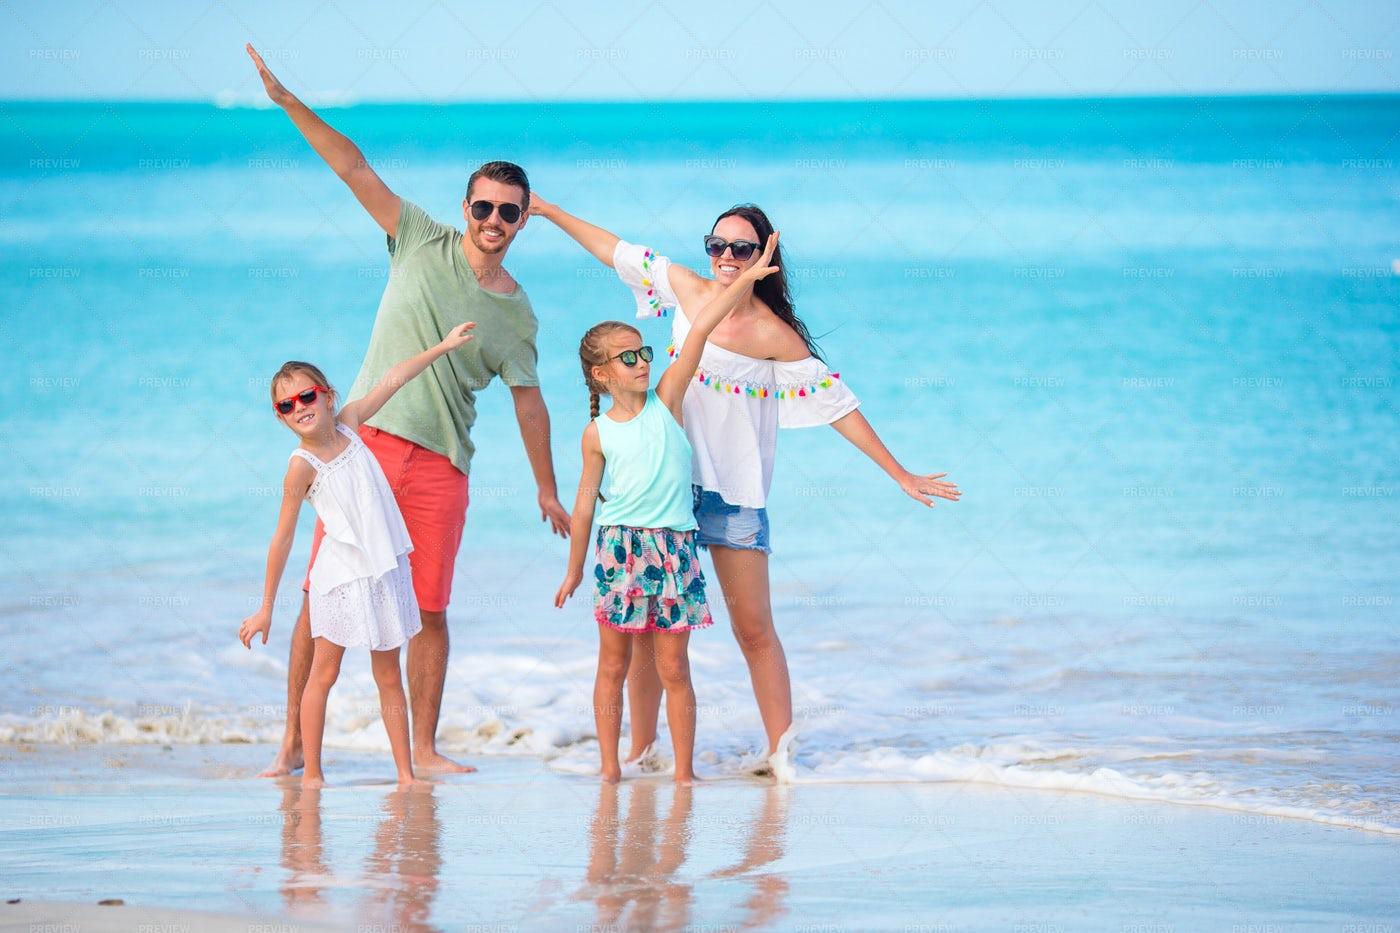 Family Enjoying Beach Vacation: Stock Photos